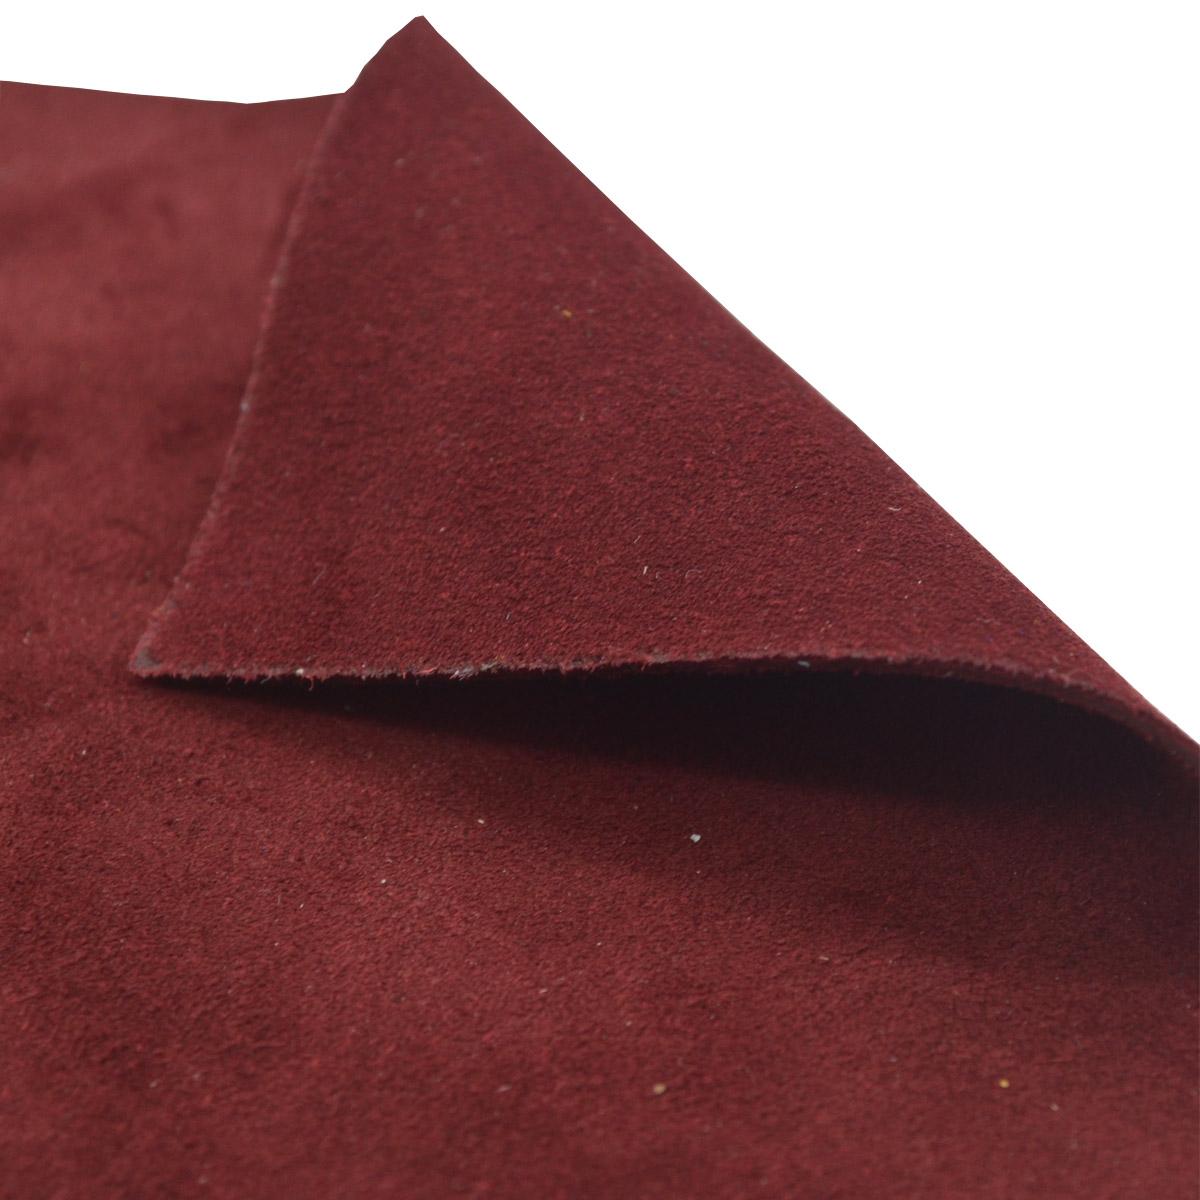 Замша натур.для шитья и рукоделия, 100% кожа, А5 (14,8*21см)